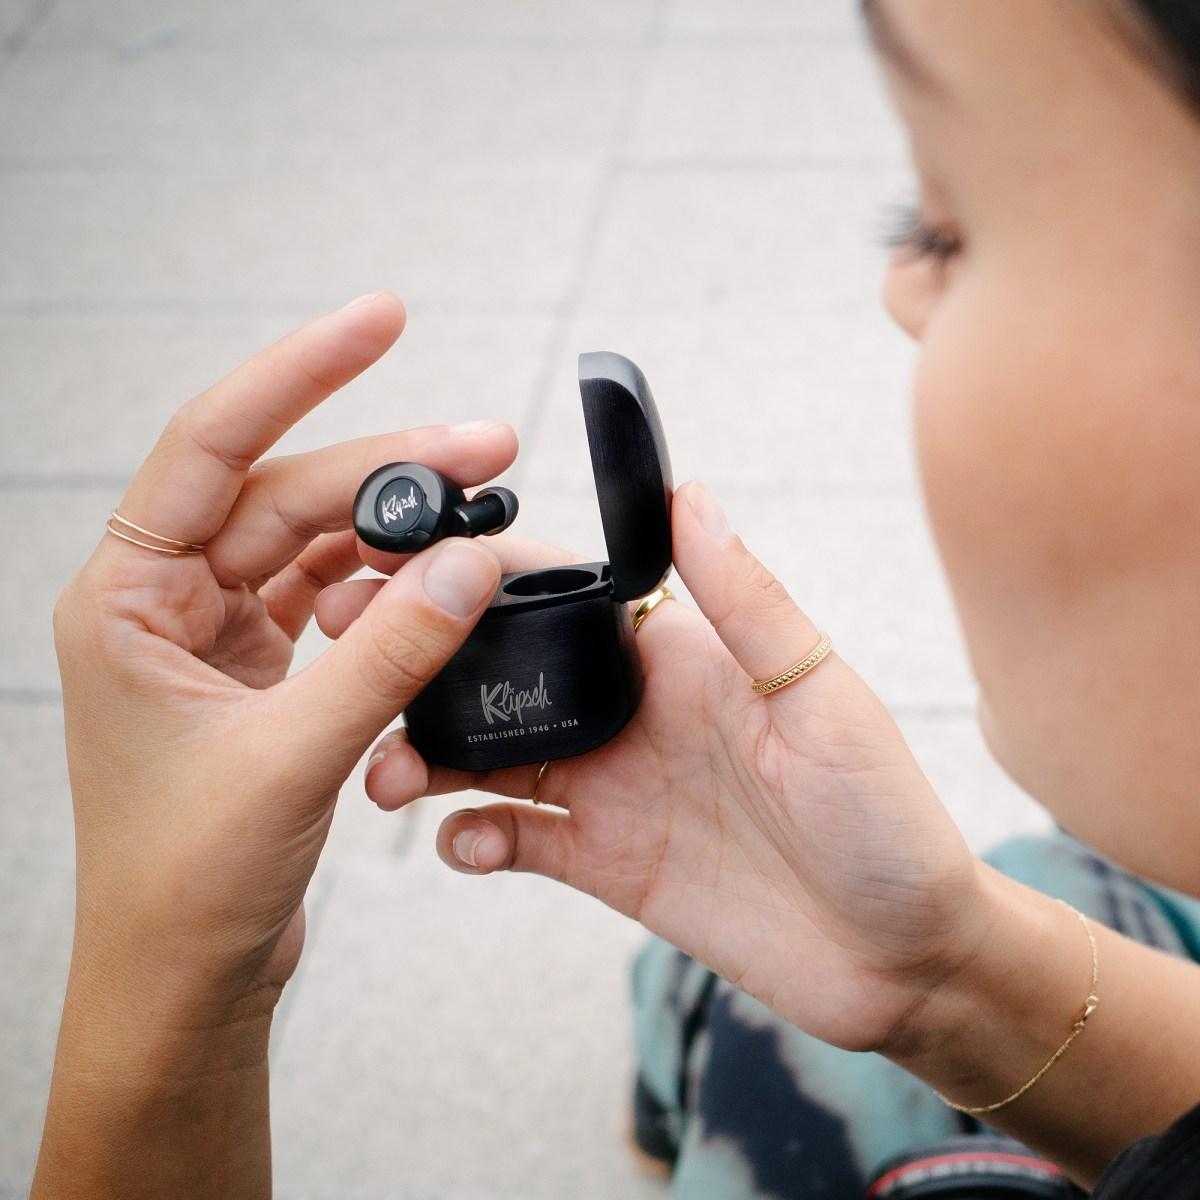 Head gesture wireless Klipsch earbuds